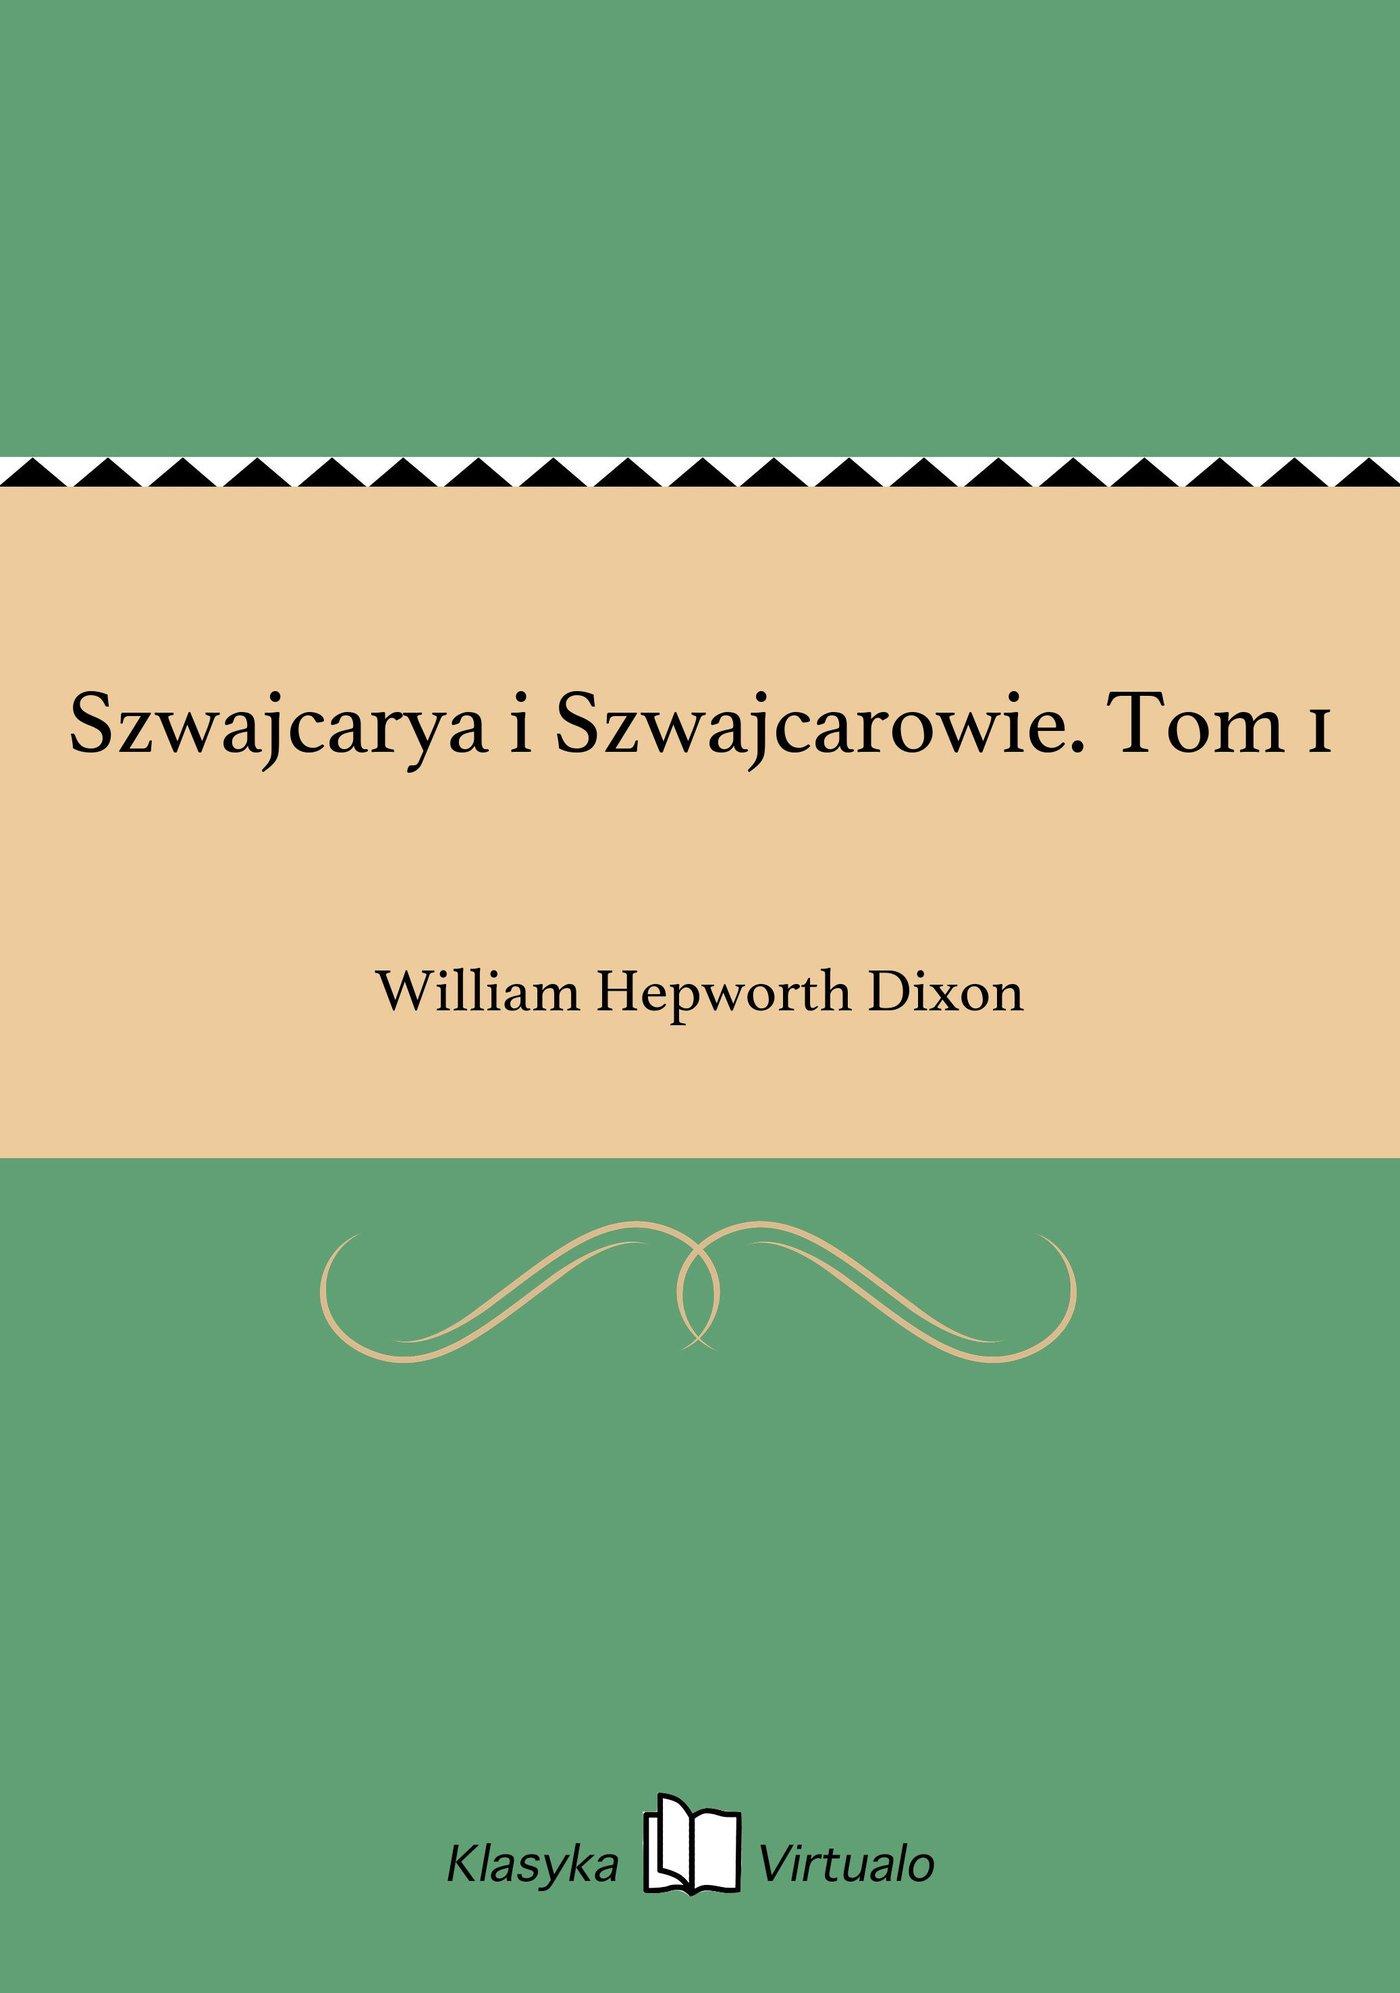 Szwajcarya i Szwajcarowie. Tom 1 - Ebook (Książka EPUB) do pobrania w formacie EPUB